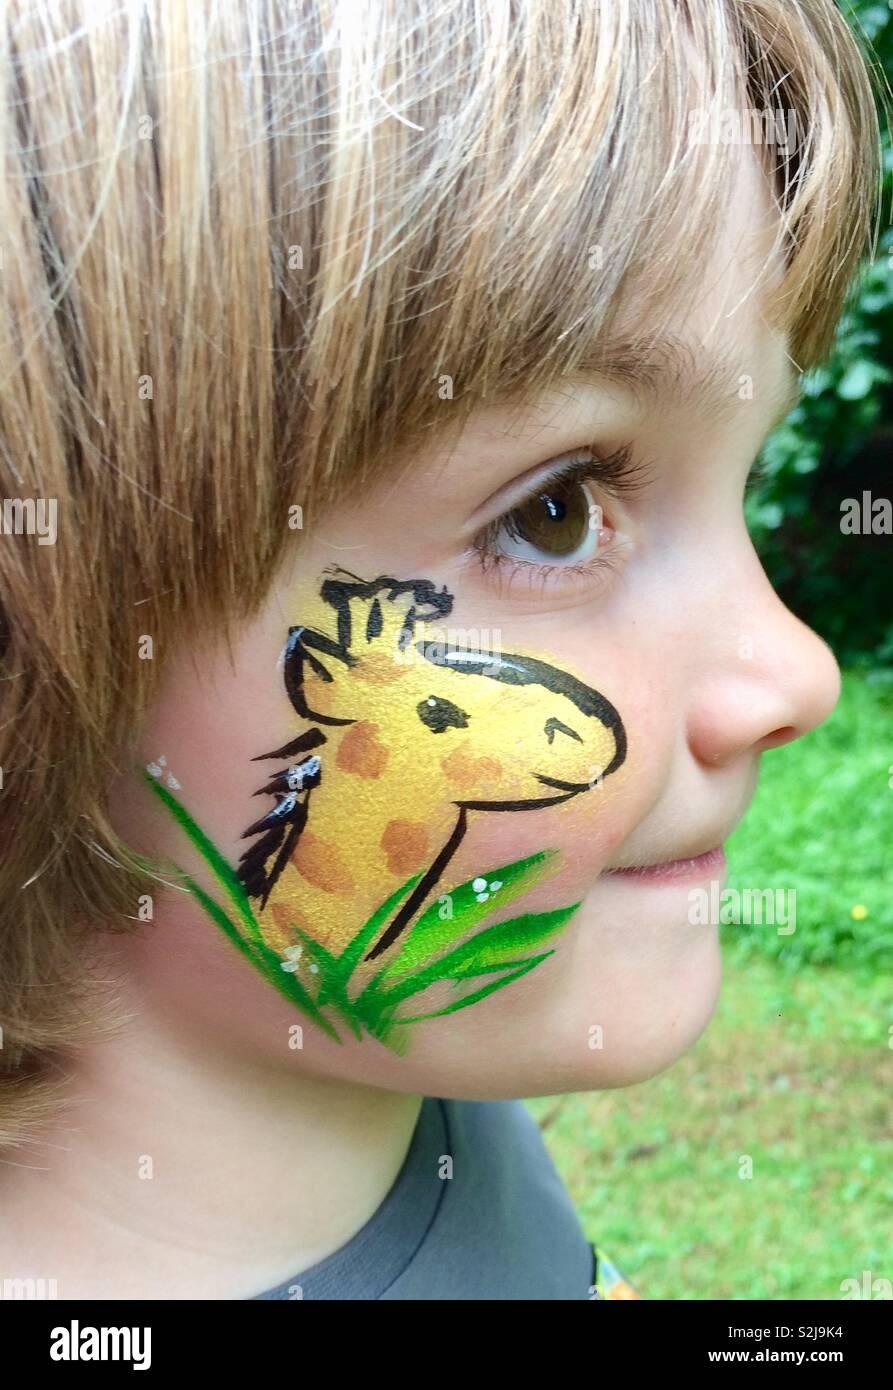 Junge mit giraffe Gesicht Farbe Stockbild